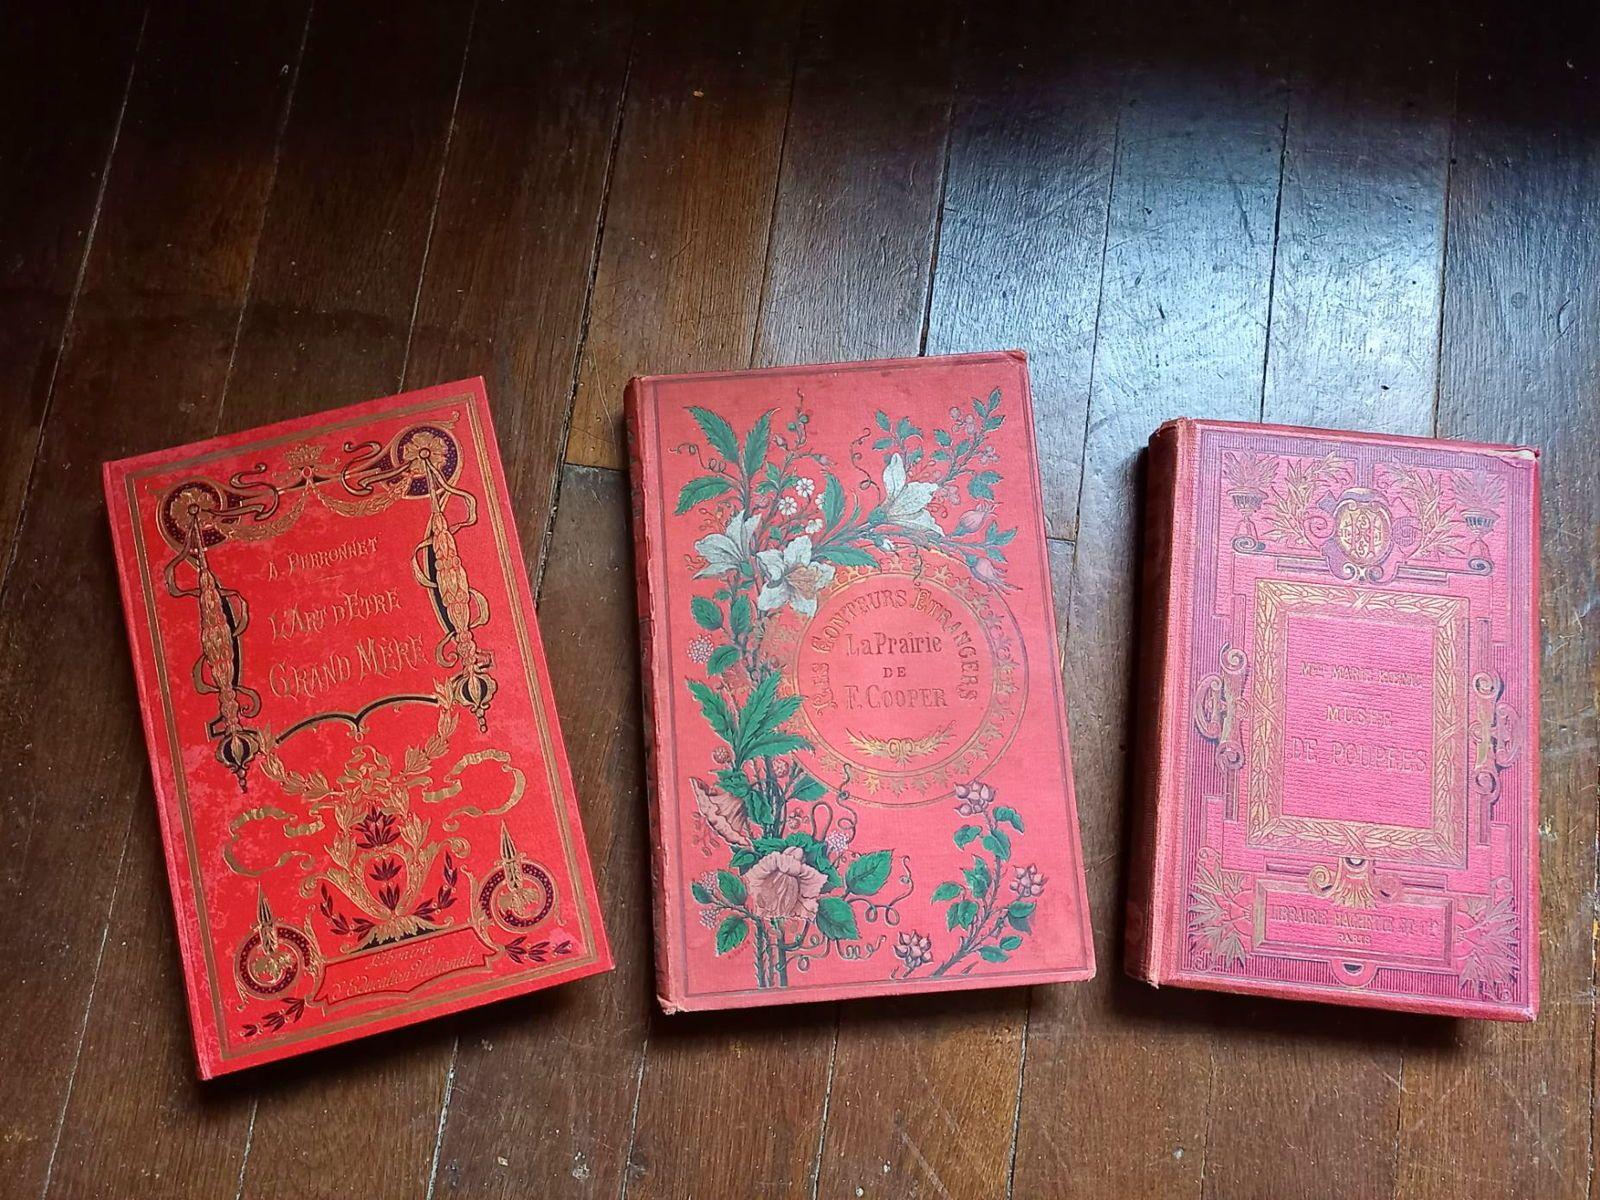 Livre ancien relié rouge & or L'Art d'etre Grand Mère tranche dorée TB